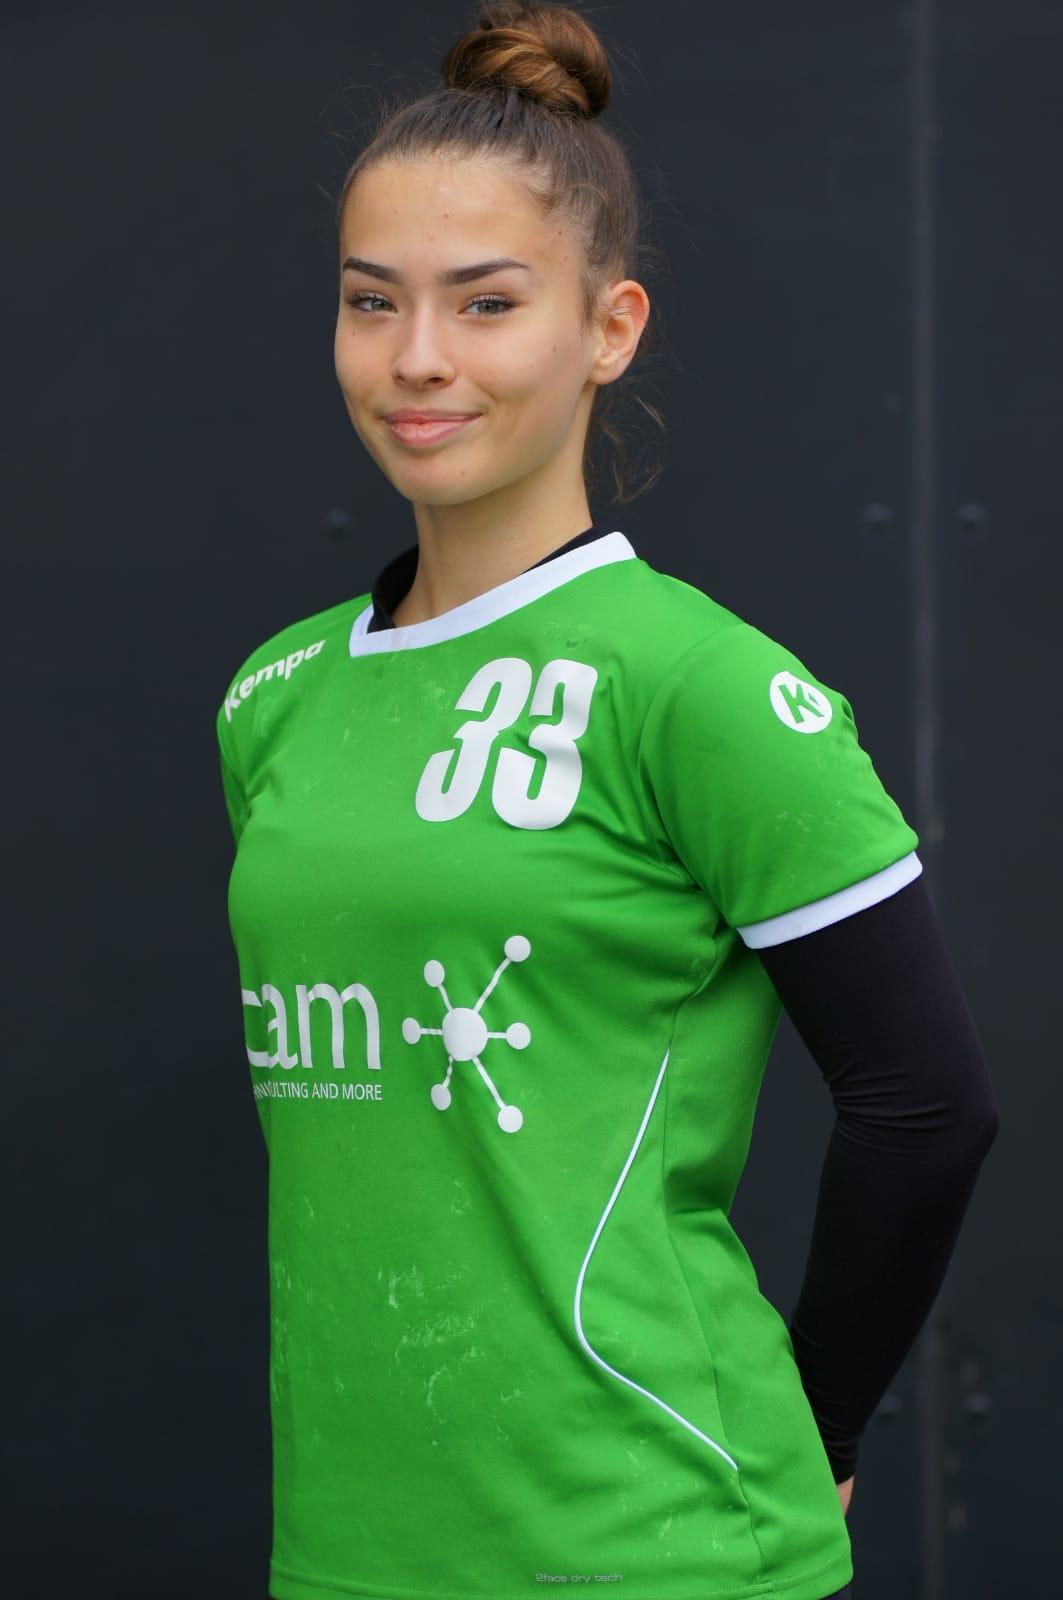 #33 Alexandra Micu